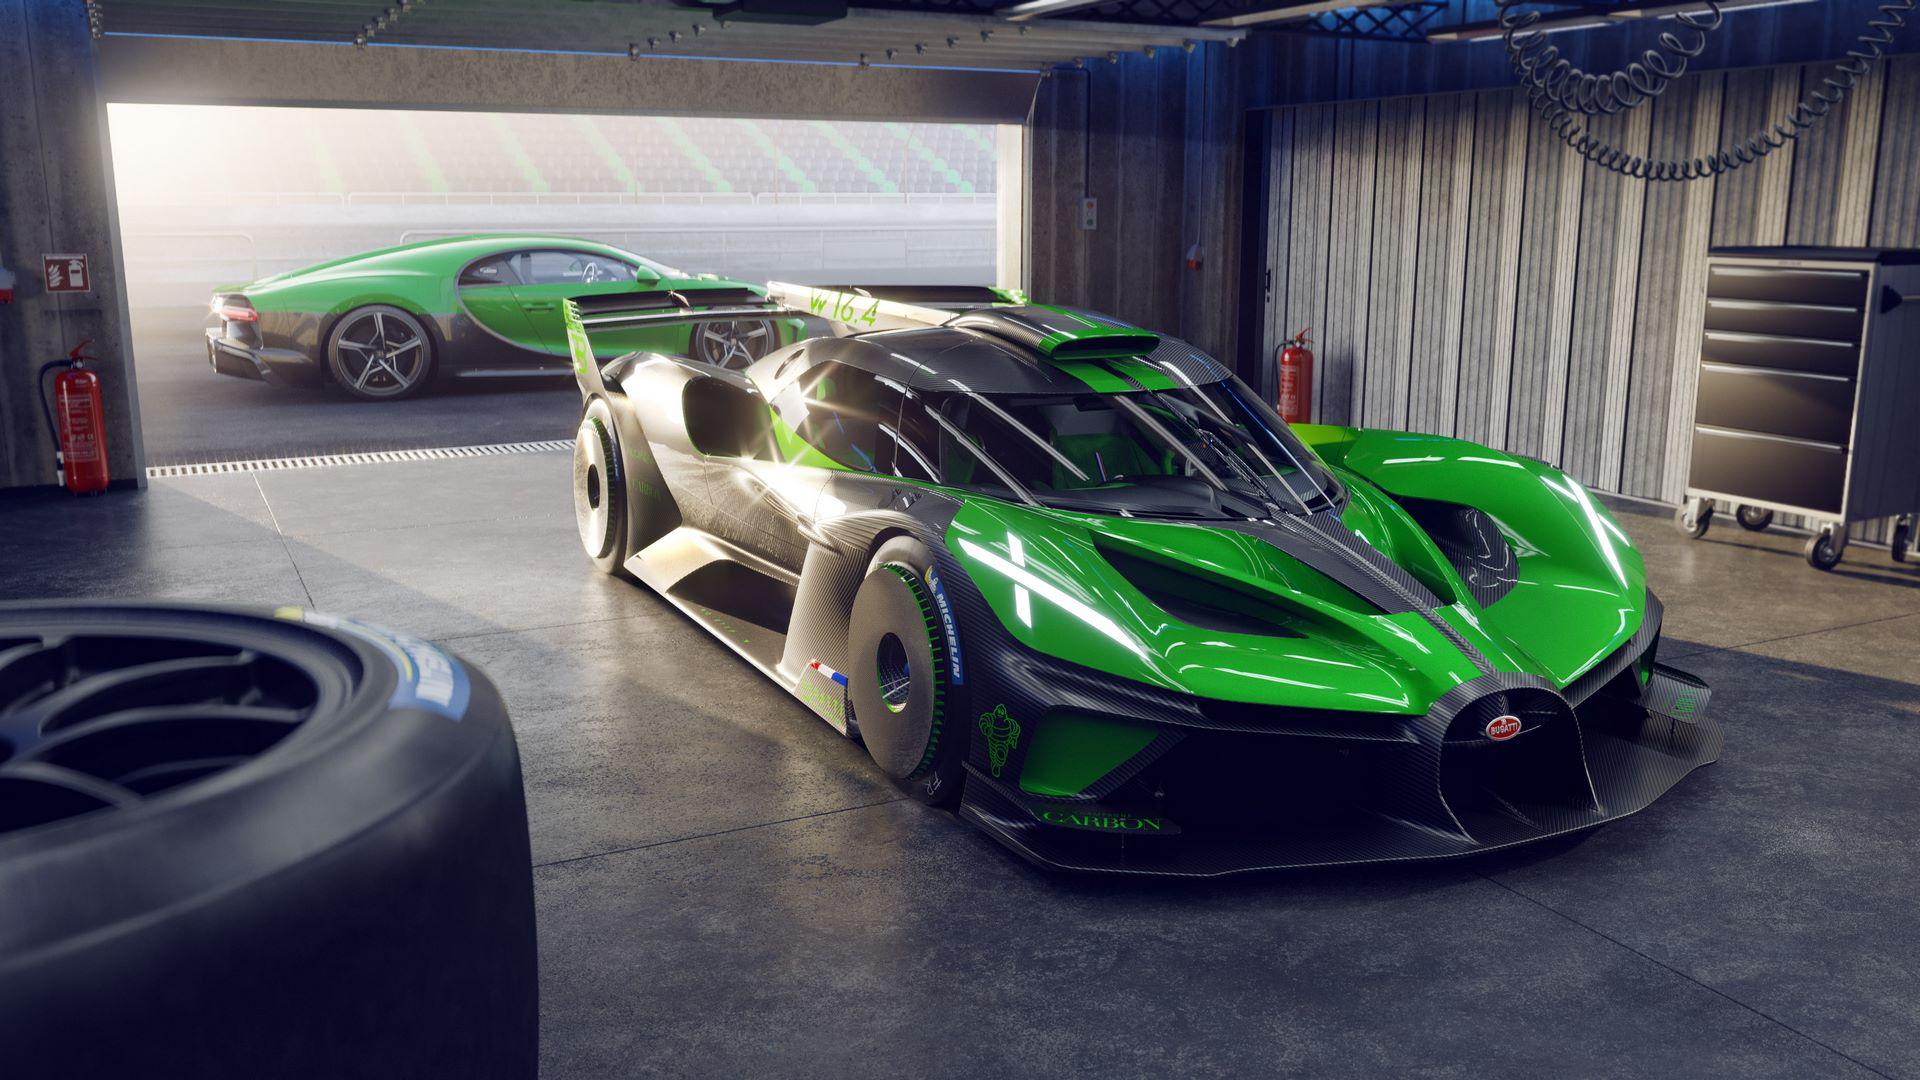 Bugatti-Bolide-production-version-3